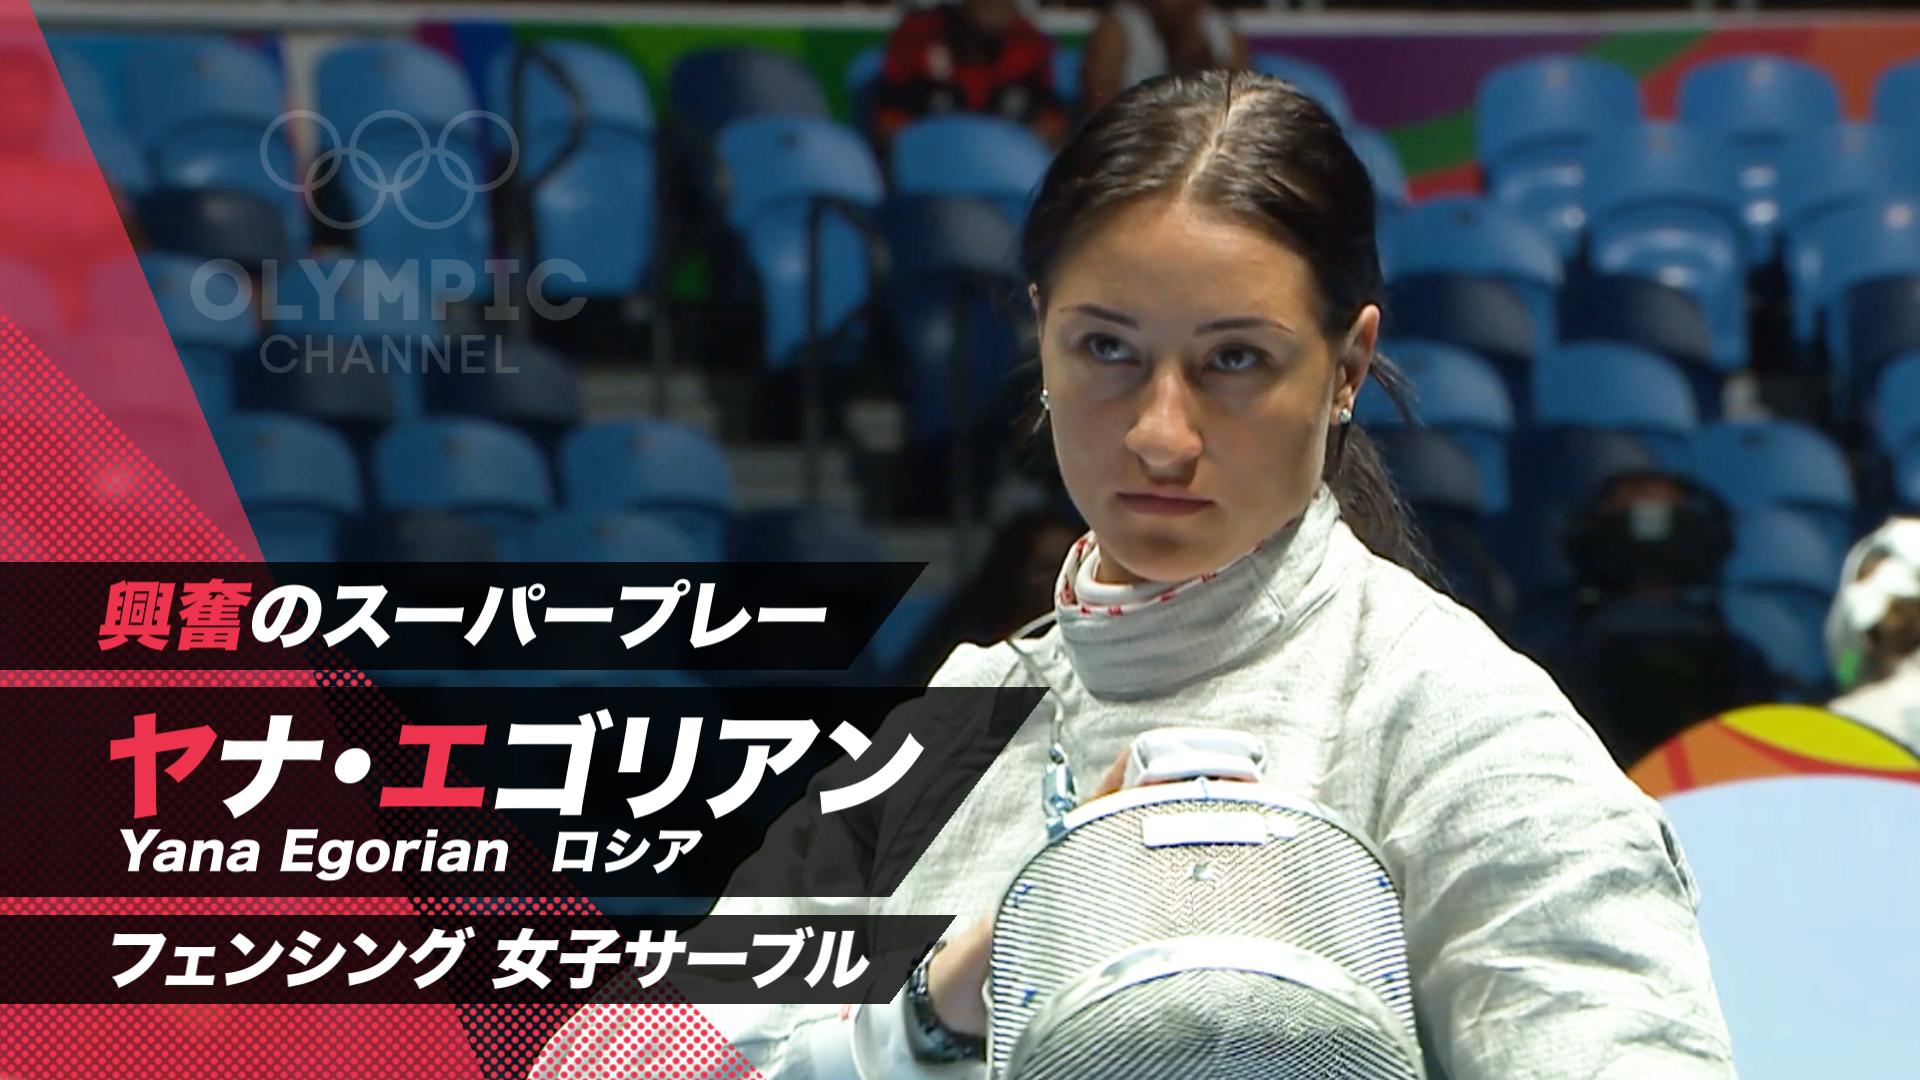 興奮のスーパープレー フェンシング ヤナ・エゴリアン